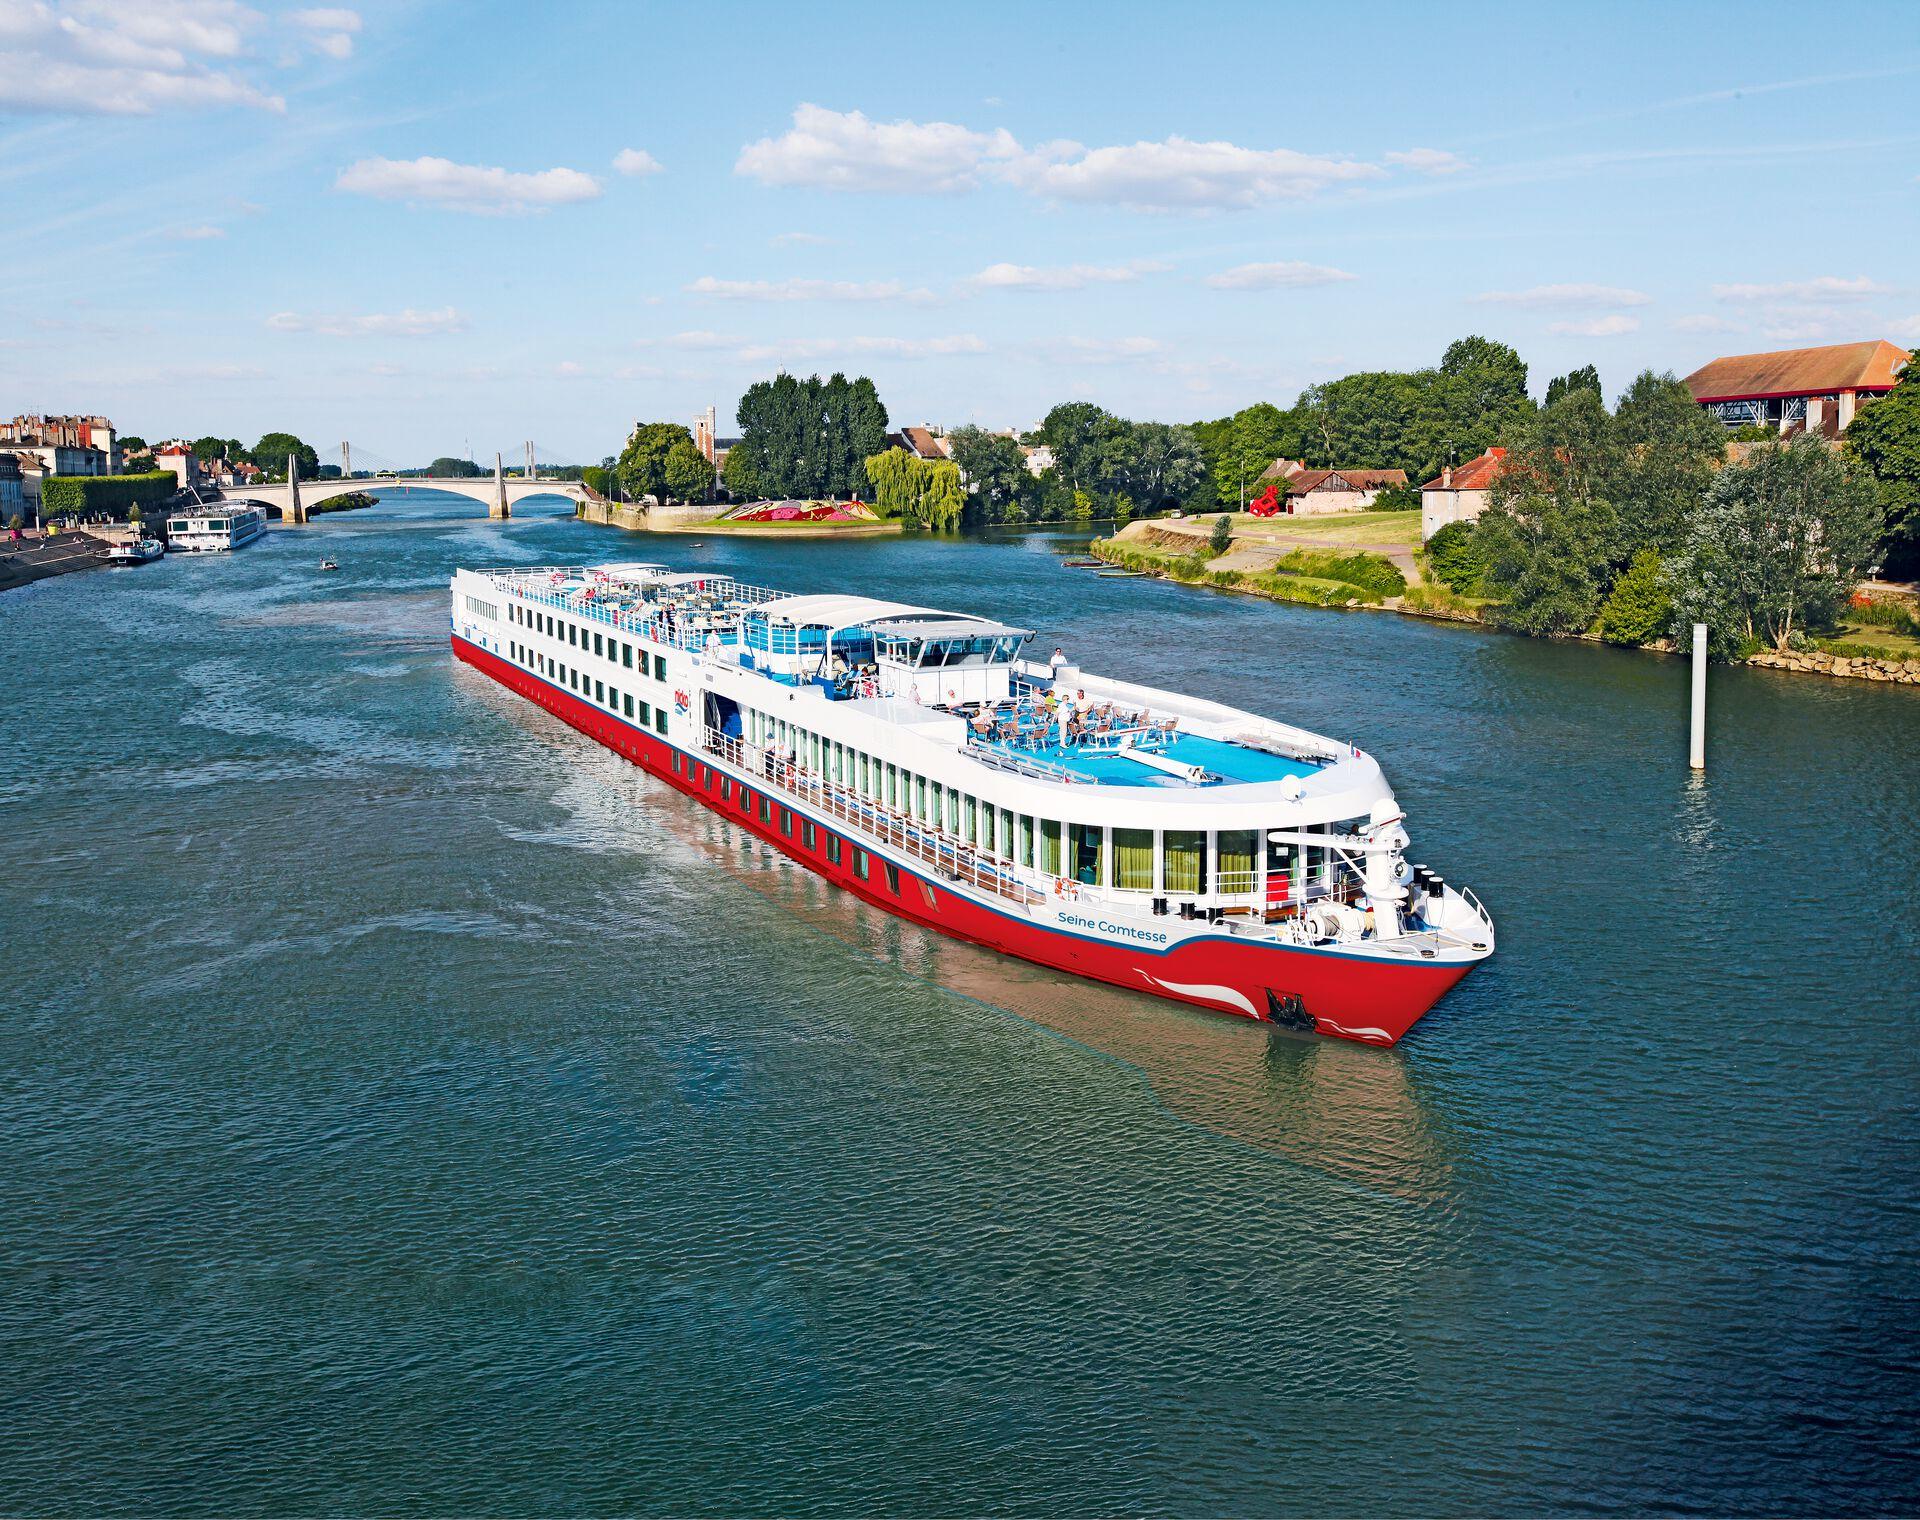 Seine Comtesse - Flusskreuzfahrt durch die Normandie